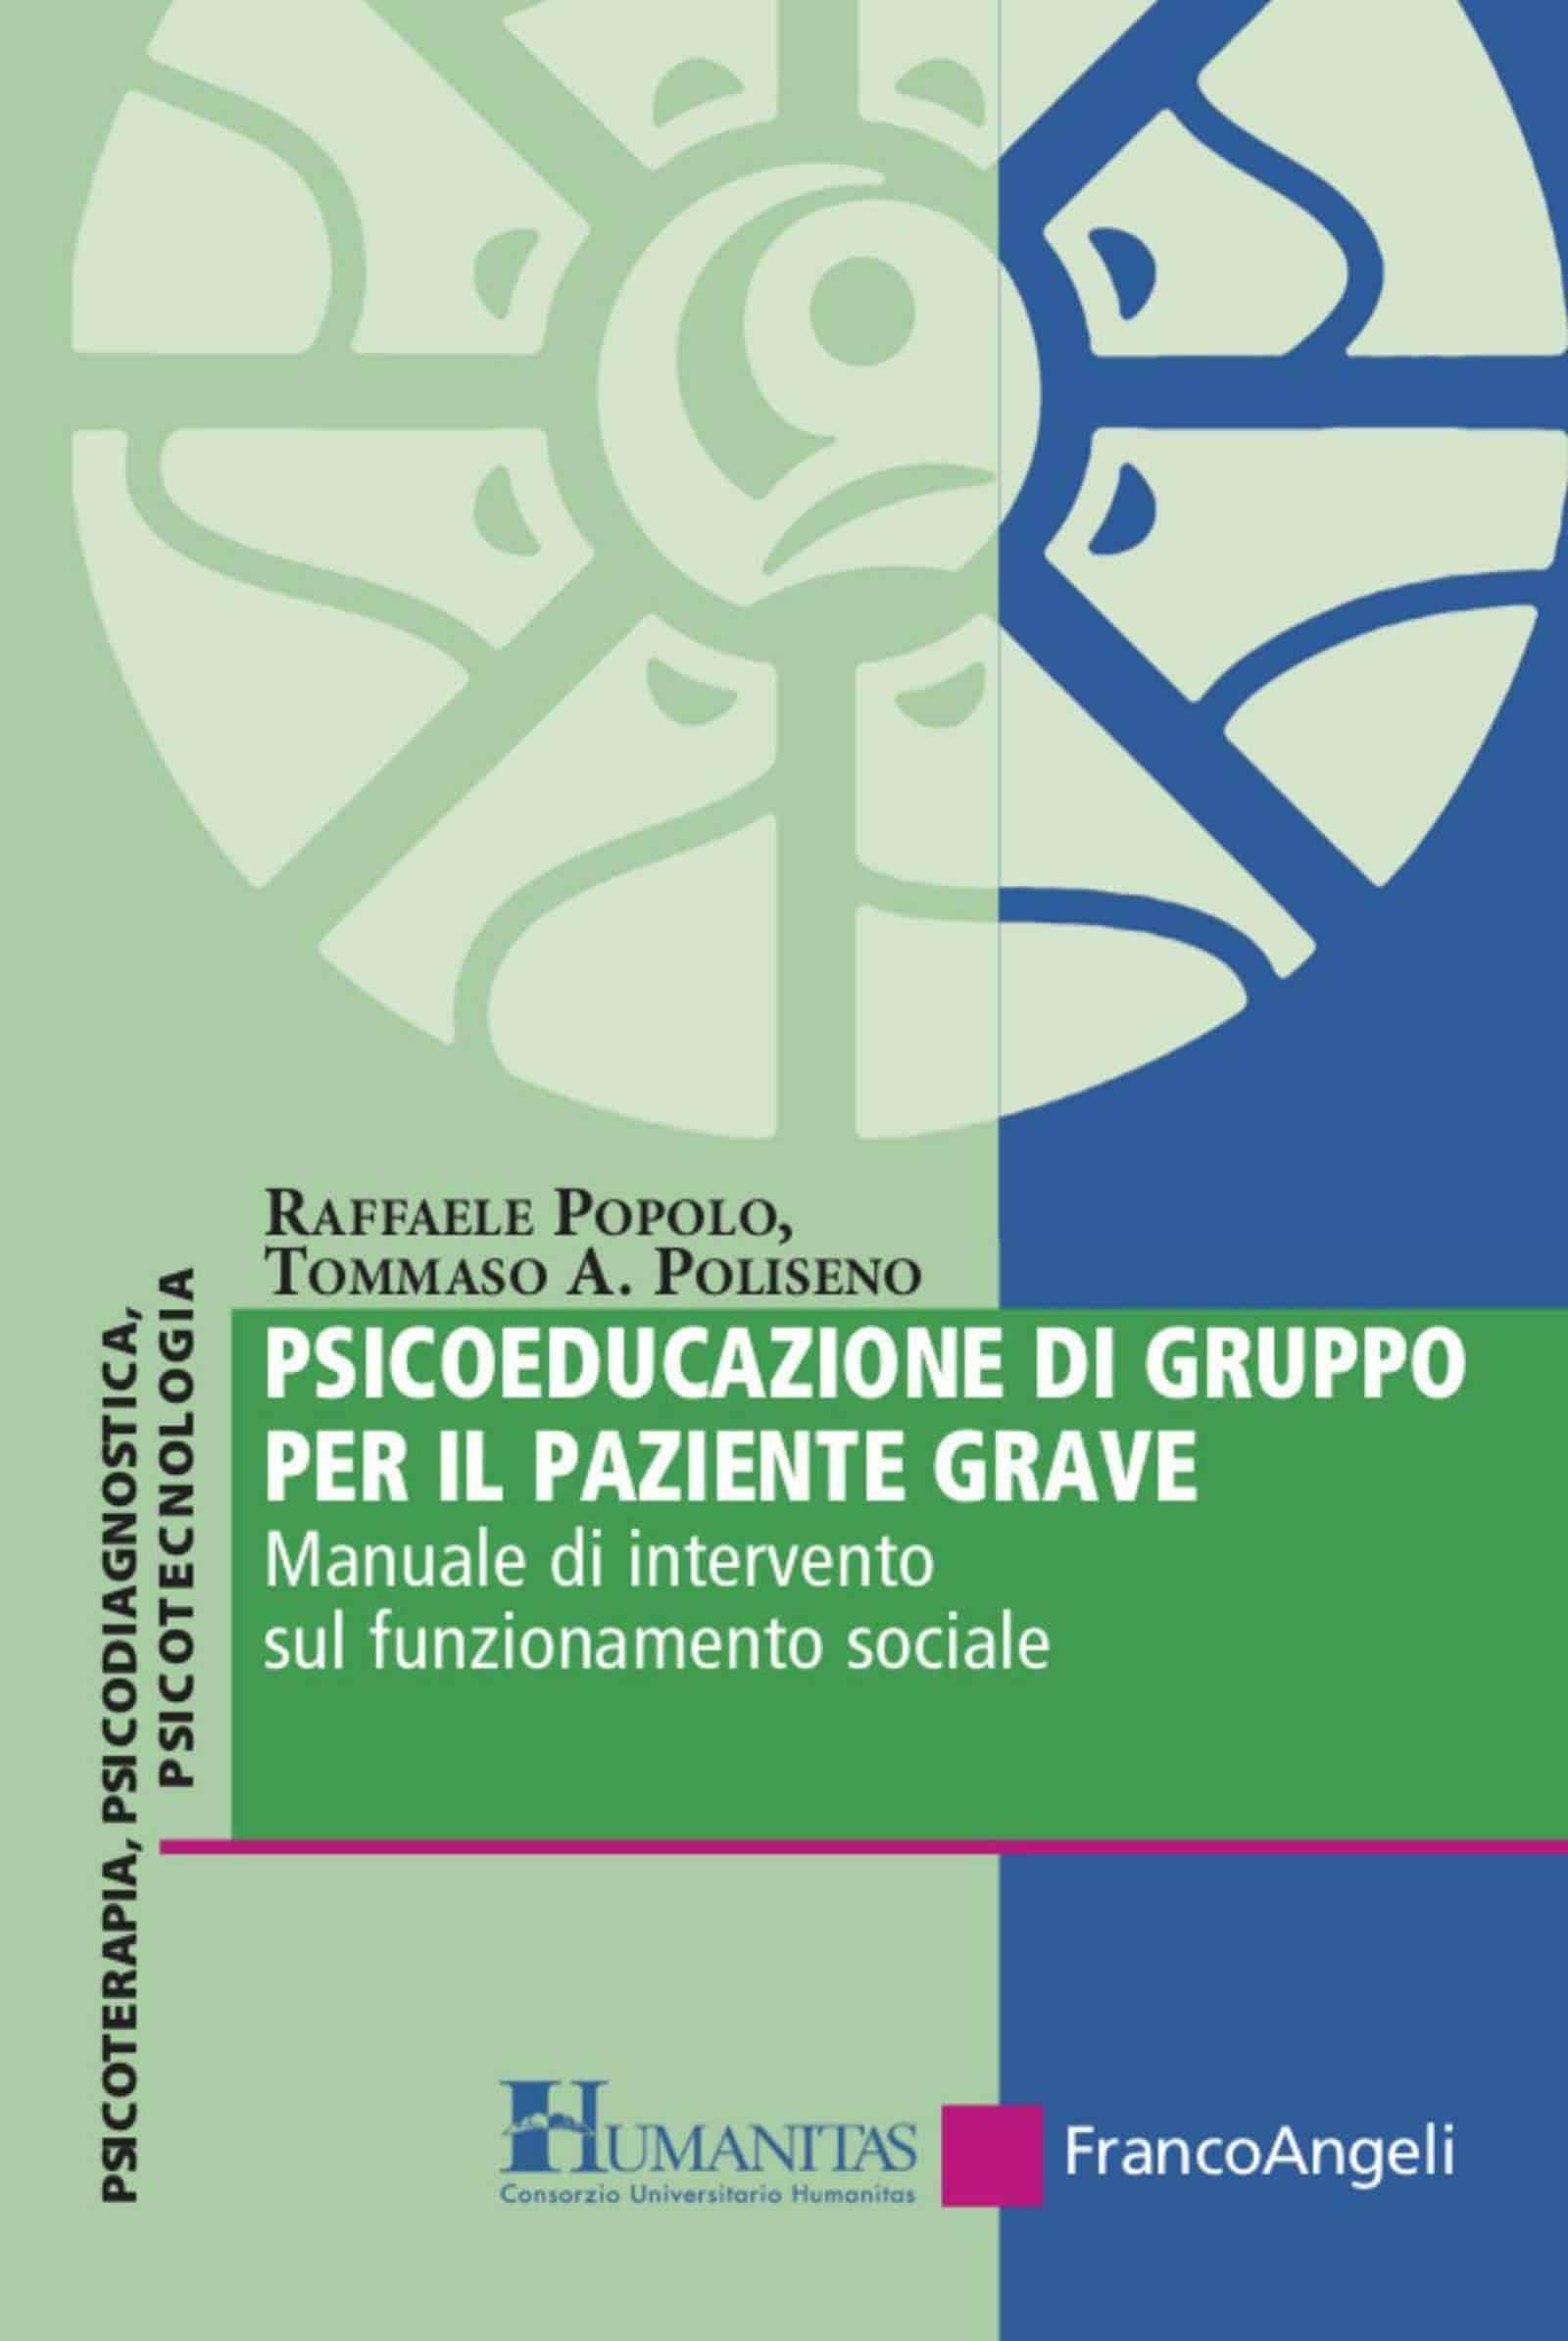 Psicoeducazione di gruppo per il paziente grave. Manuale di intervento sul funzionamento sociale di Popolo e Poliseno – Recensione del libro